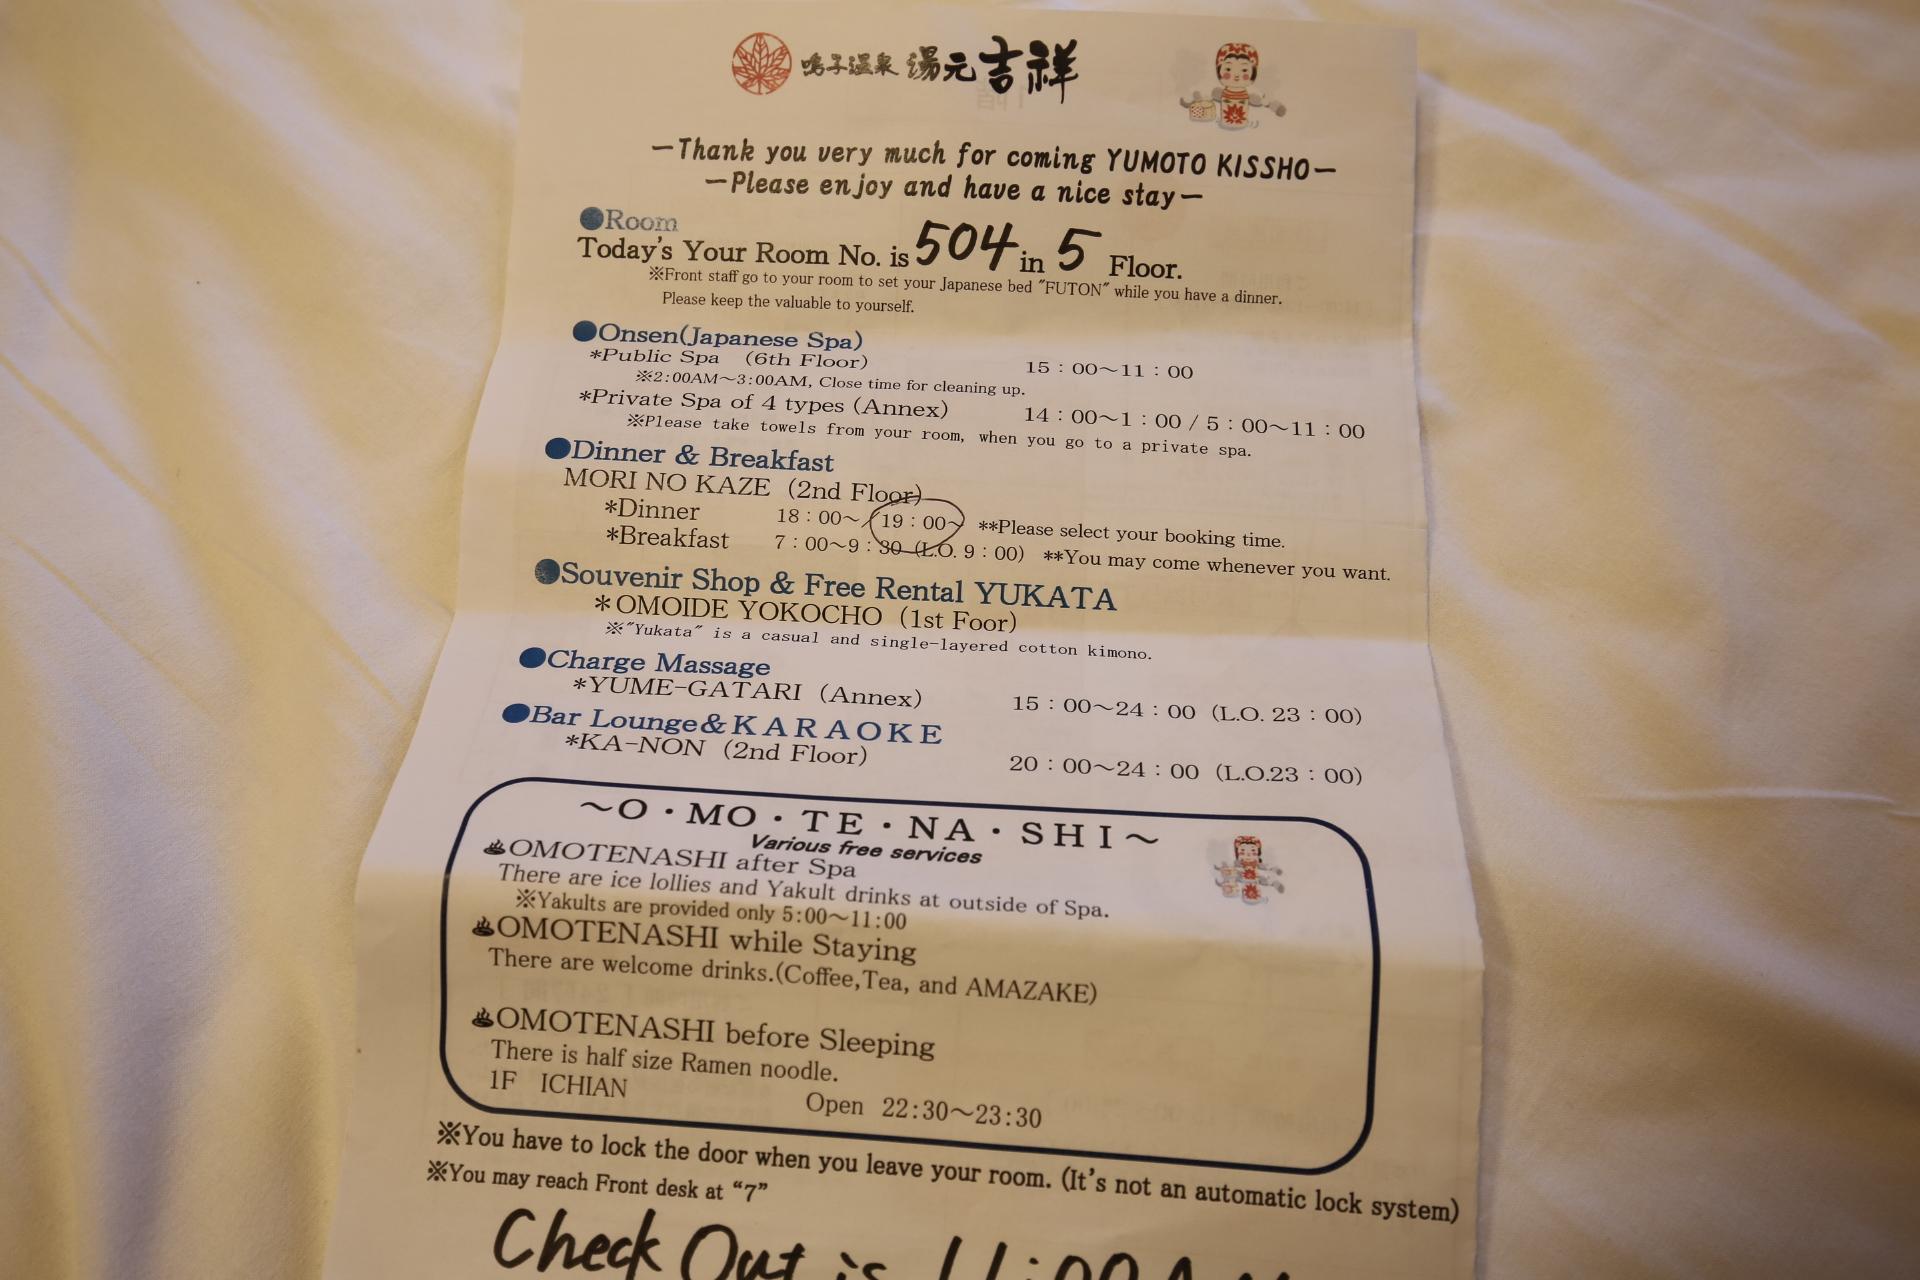 【鳴子溫泉住宿】湯元吉祥飯店,蟹腳吃到飽,溫泉裸湯泡不完,超讚! @小環妞 幸福足跡